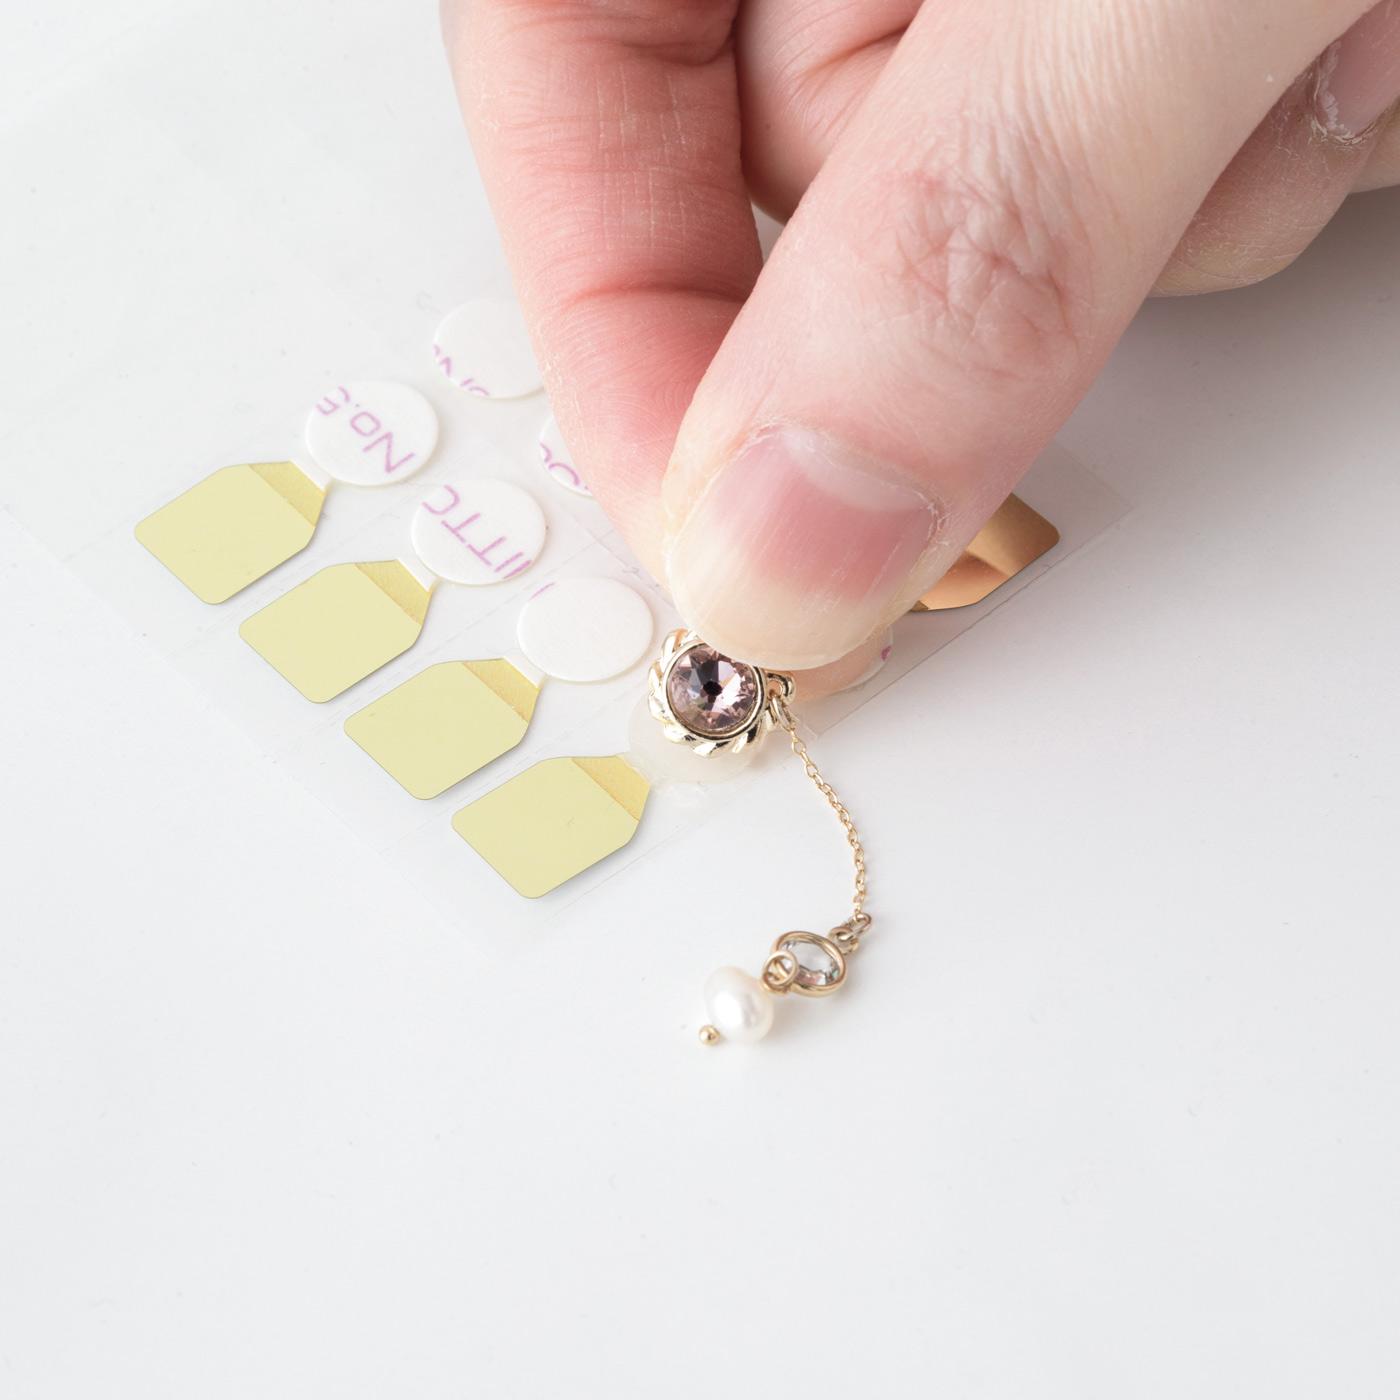 「貼るスウィングイヤリング」専用のリフィルテープ。モチーフの裏側に貼り、耳たぶに直接着けられます。